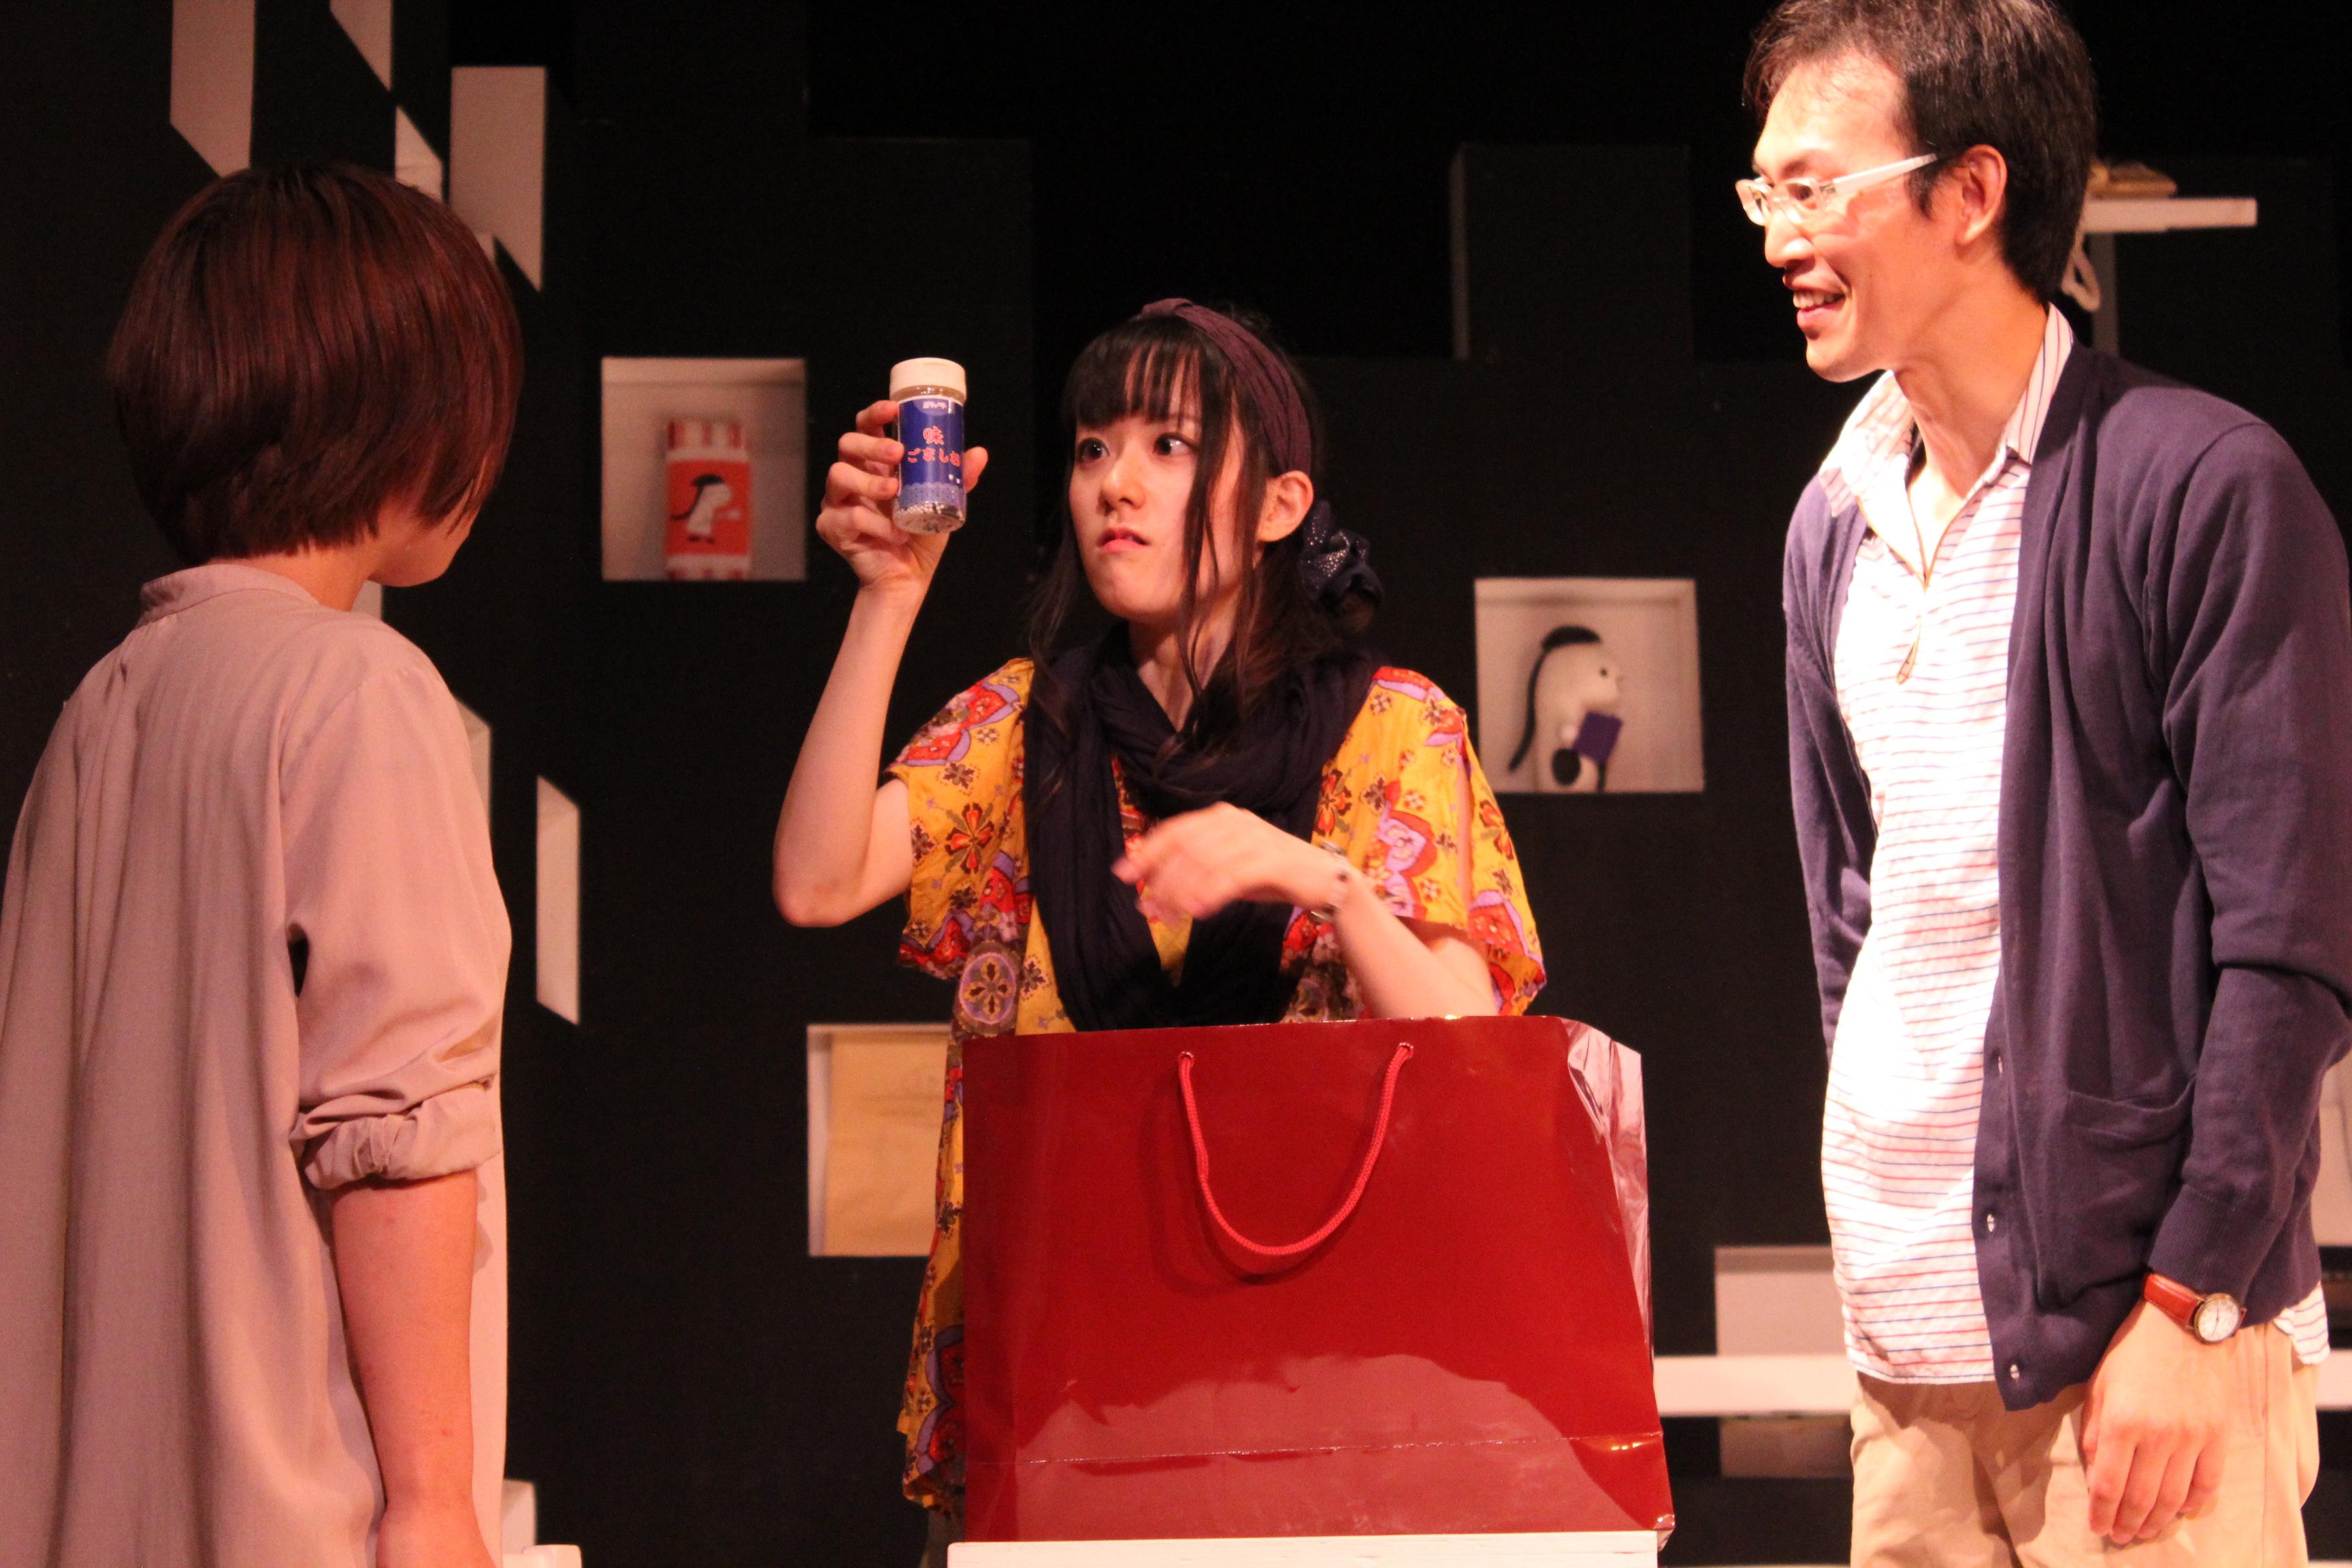 2014年9月 オレンヂスタ 第六回公演『白黒つかない』03